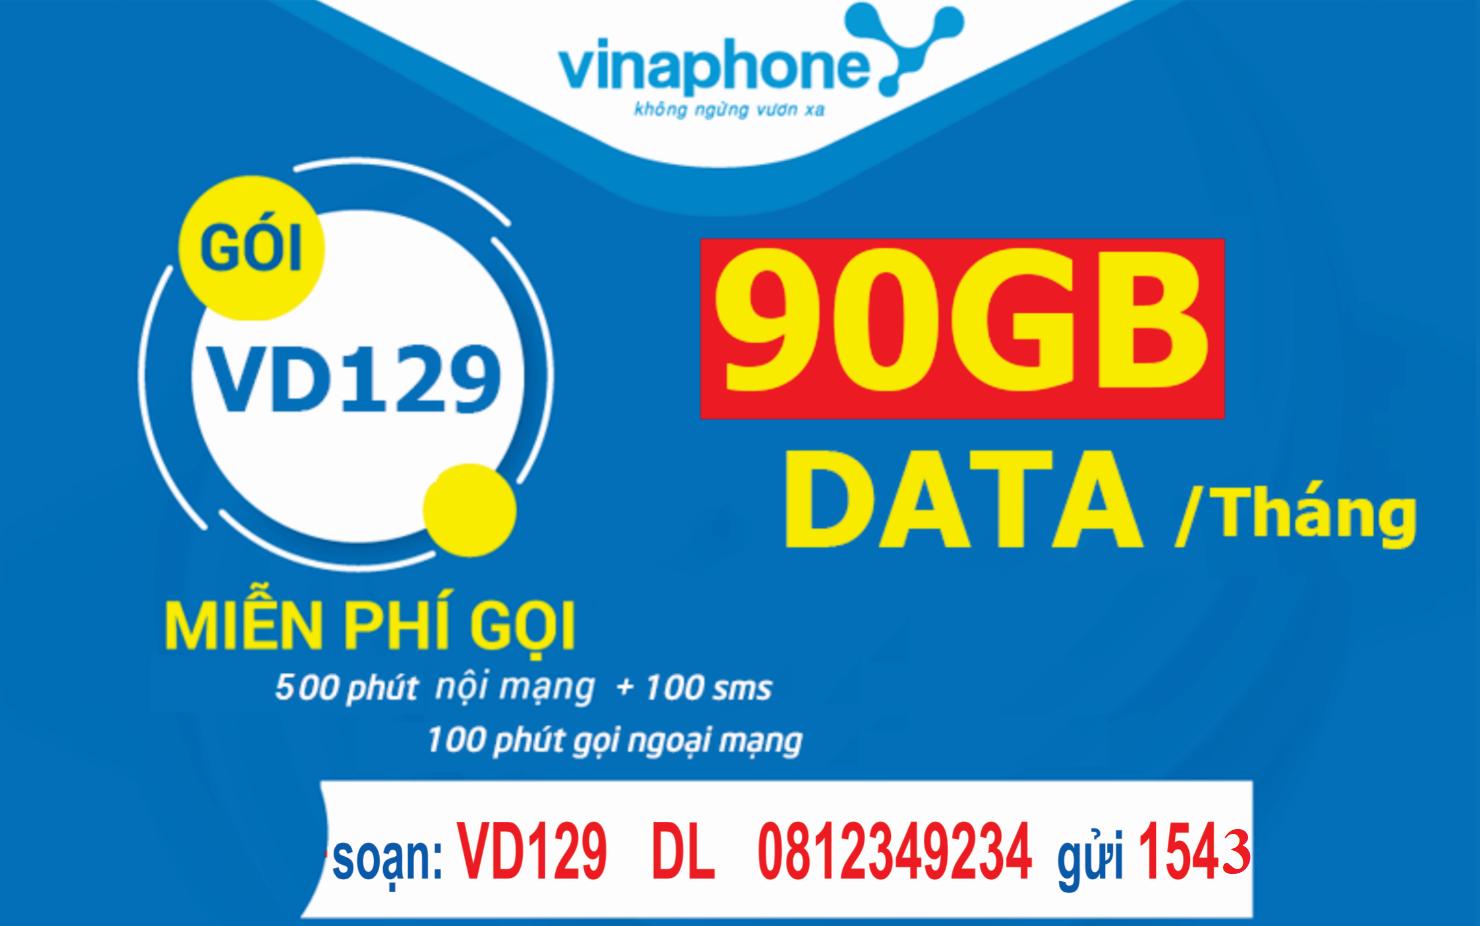 VD129 Vinaphone Cần Thơ